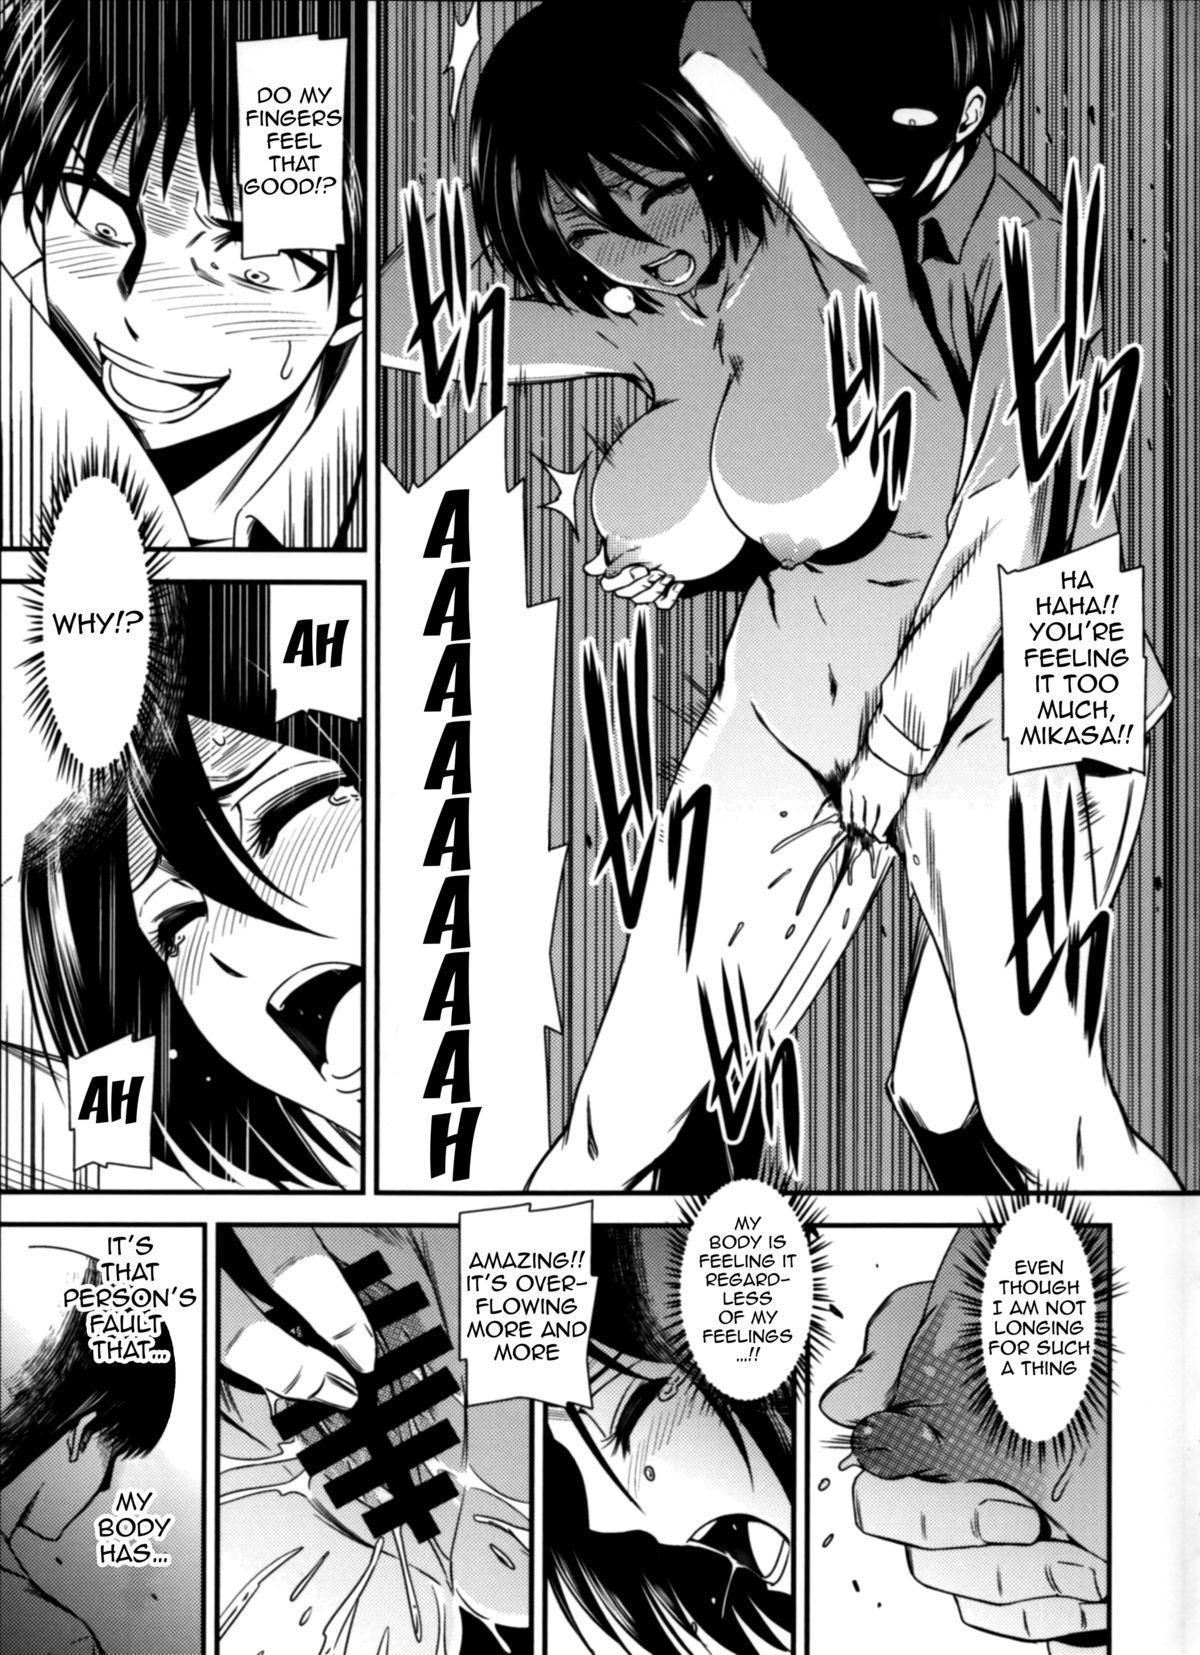 Gekishin Yon | Firing Pin 4 15